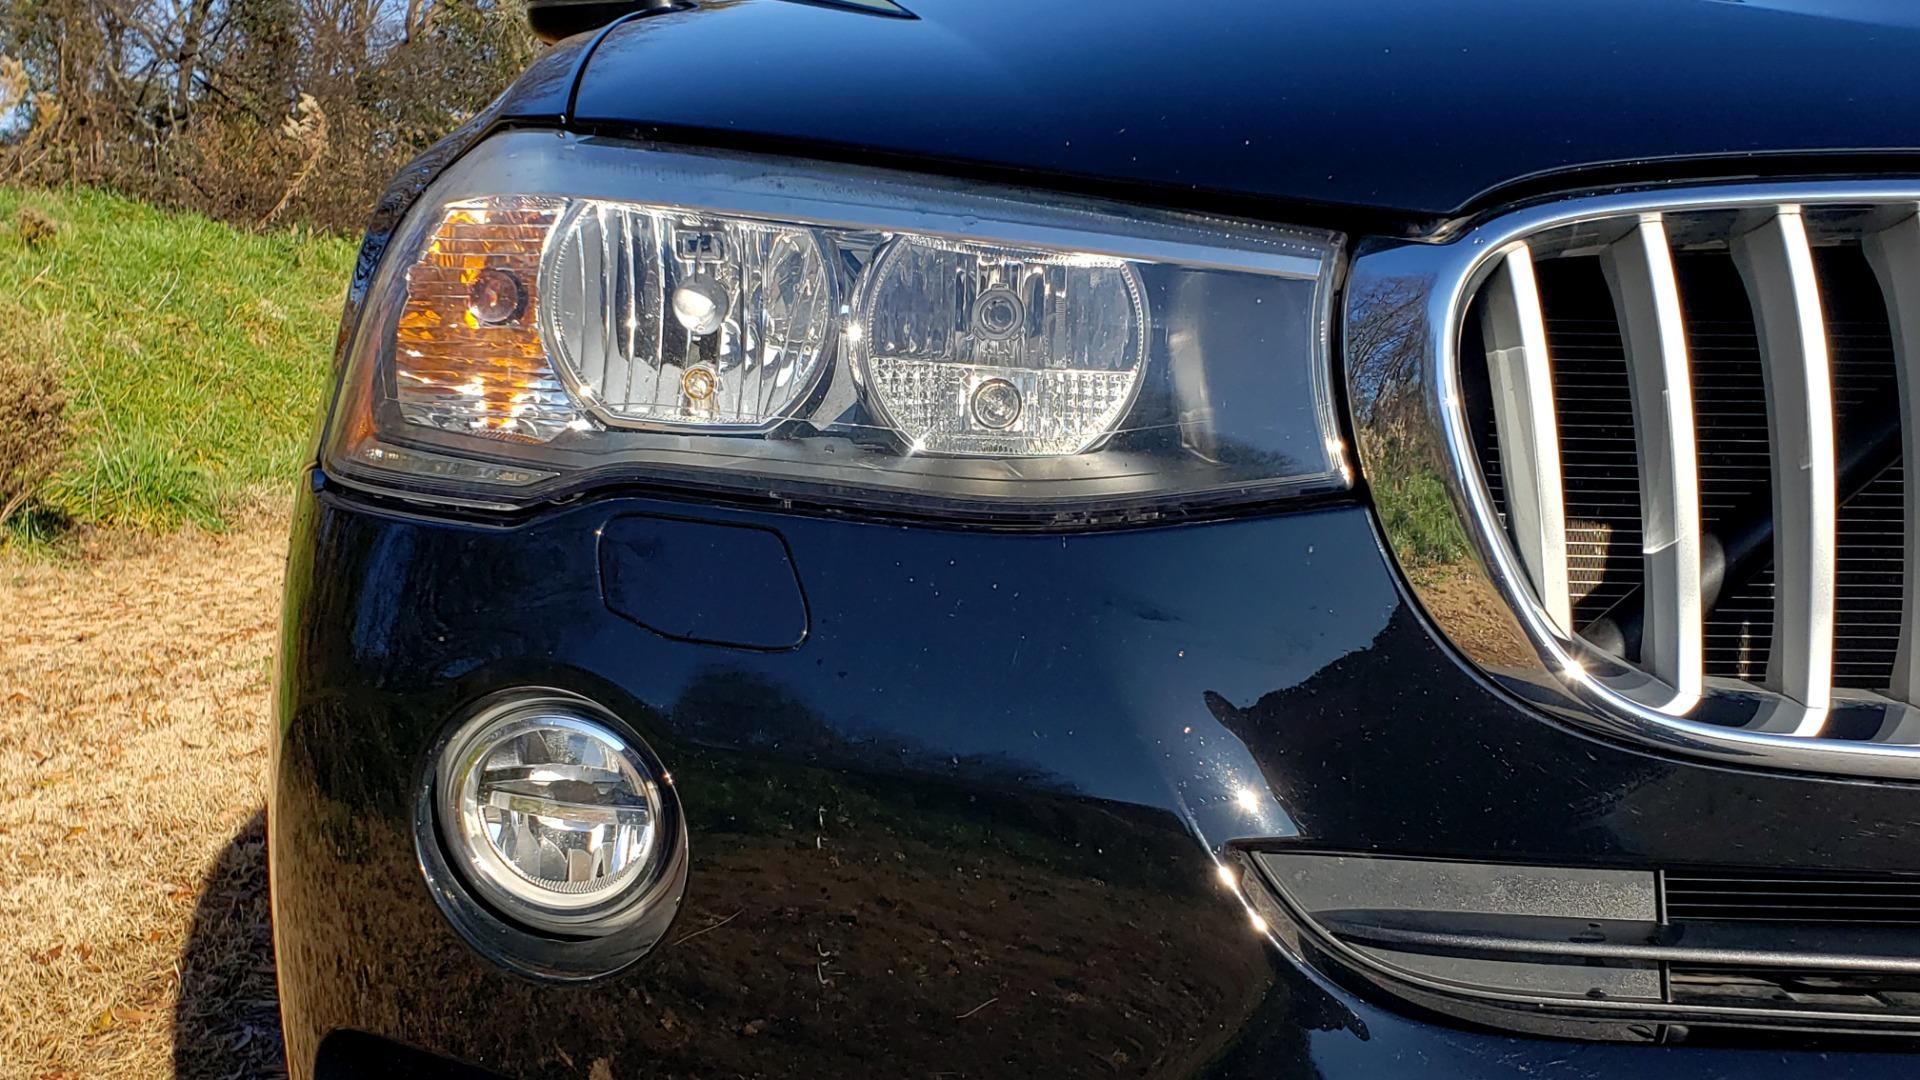 Used 2017 BMW X3 XDRIVE28I / PREM PKG / NAV / DRVR ASST / HTD STS / CAMERAS for sale Sold at Formula Imports in Charlotte NC 28227 12